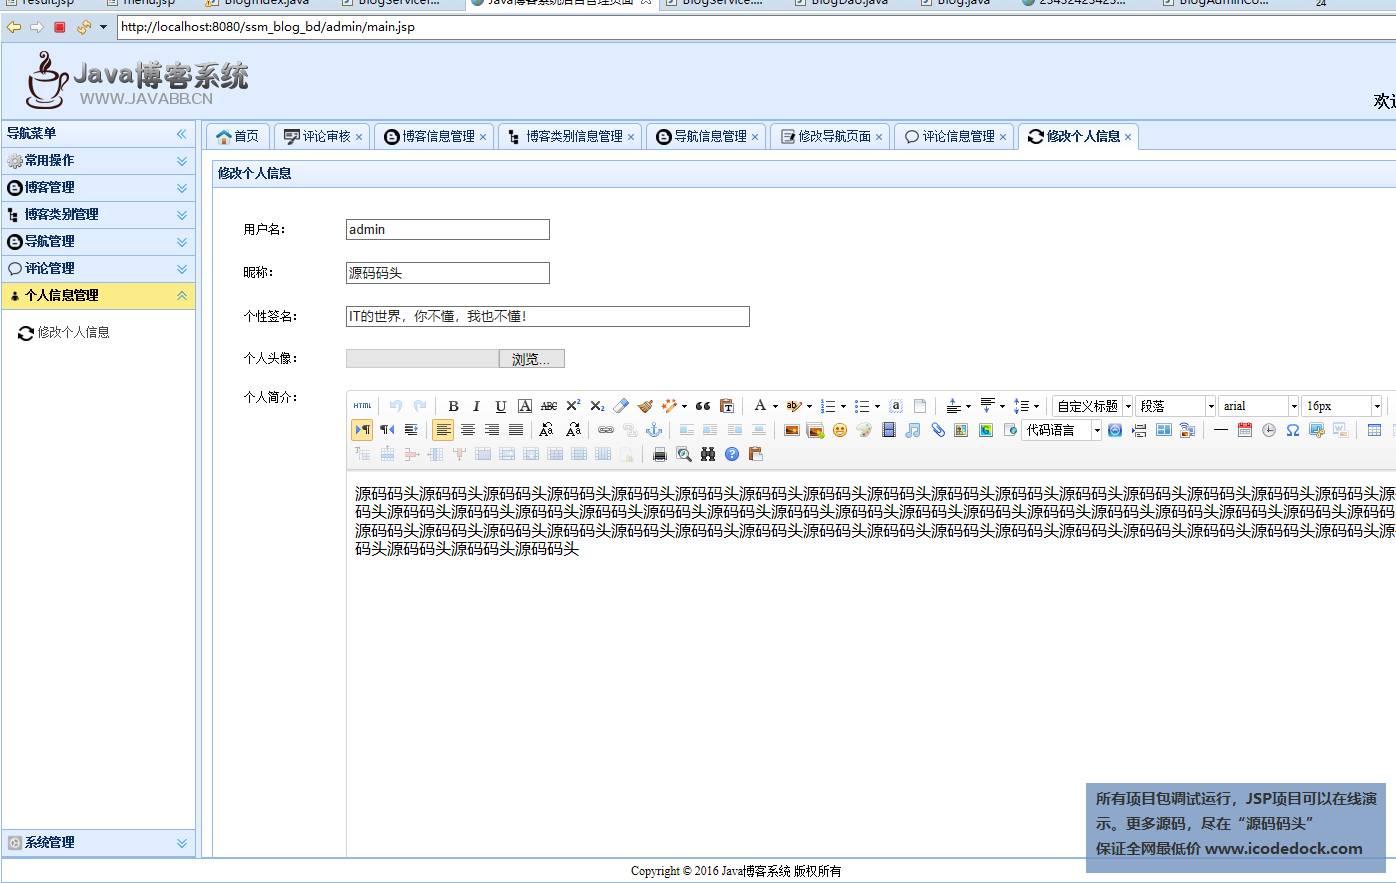 源码码头-SSM个人博客管理系统-管理员角色-个人信息修改